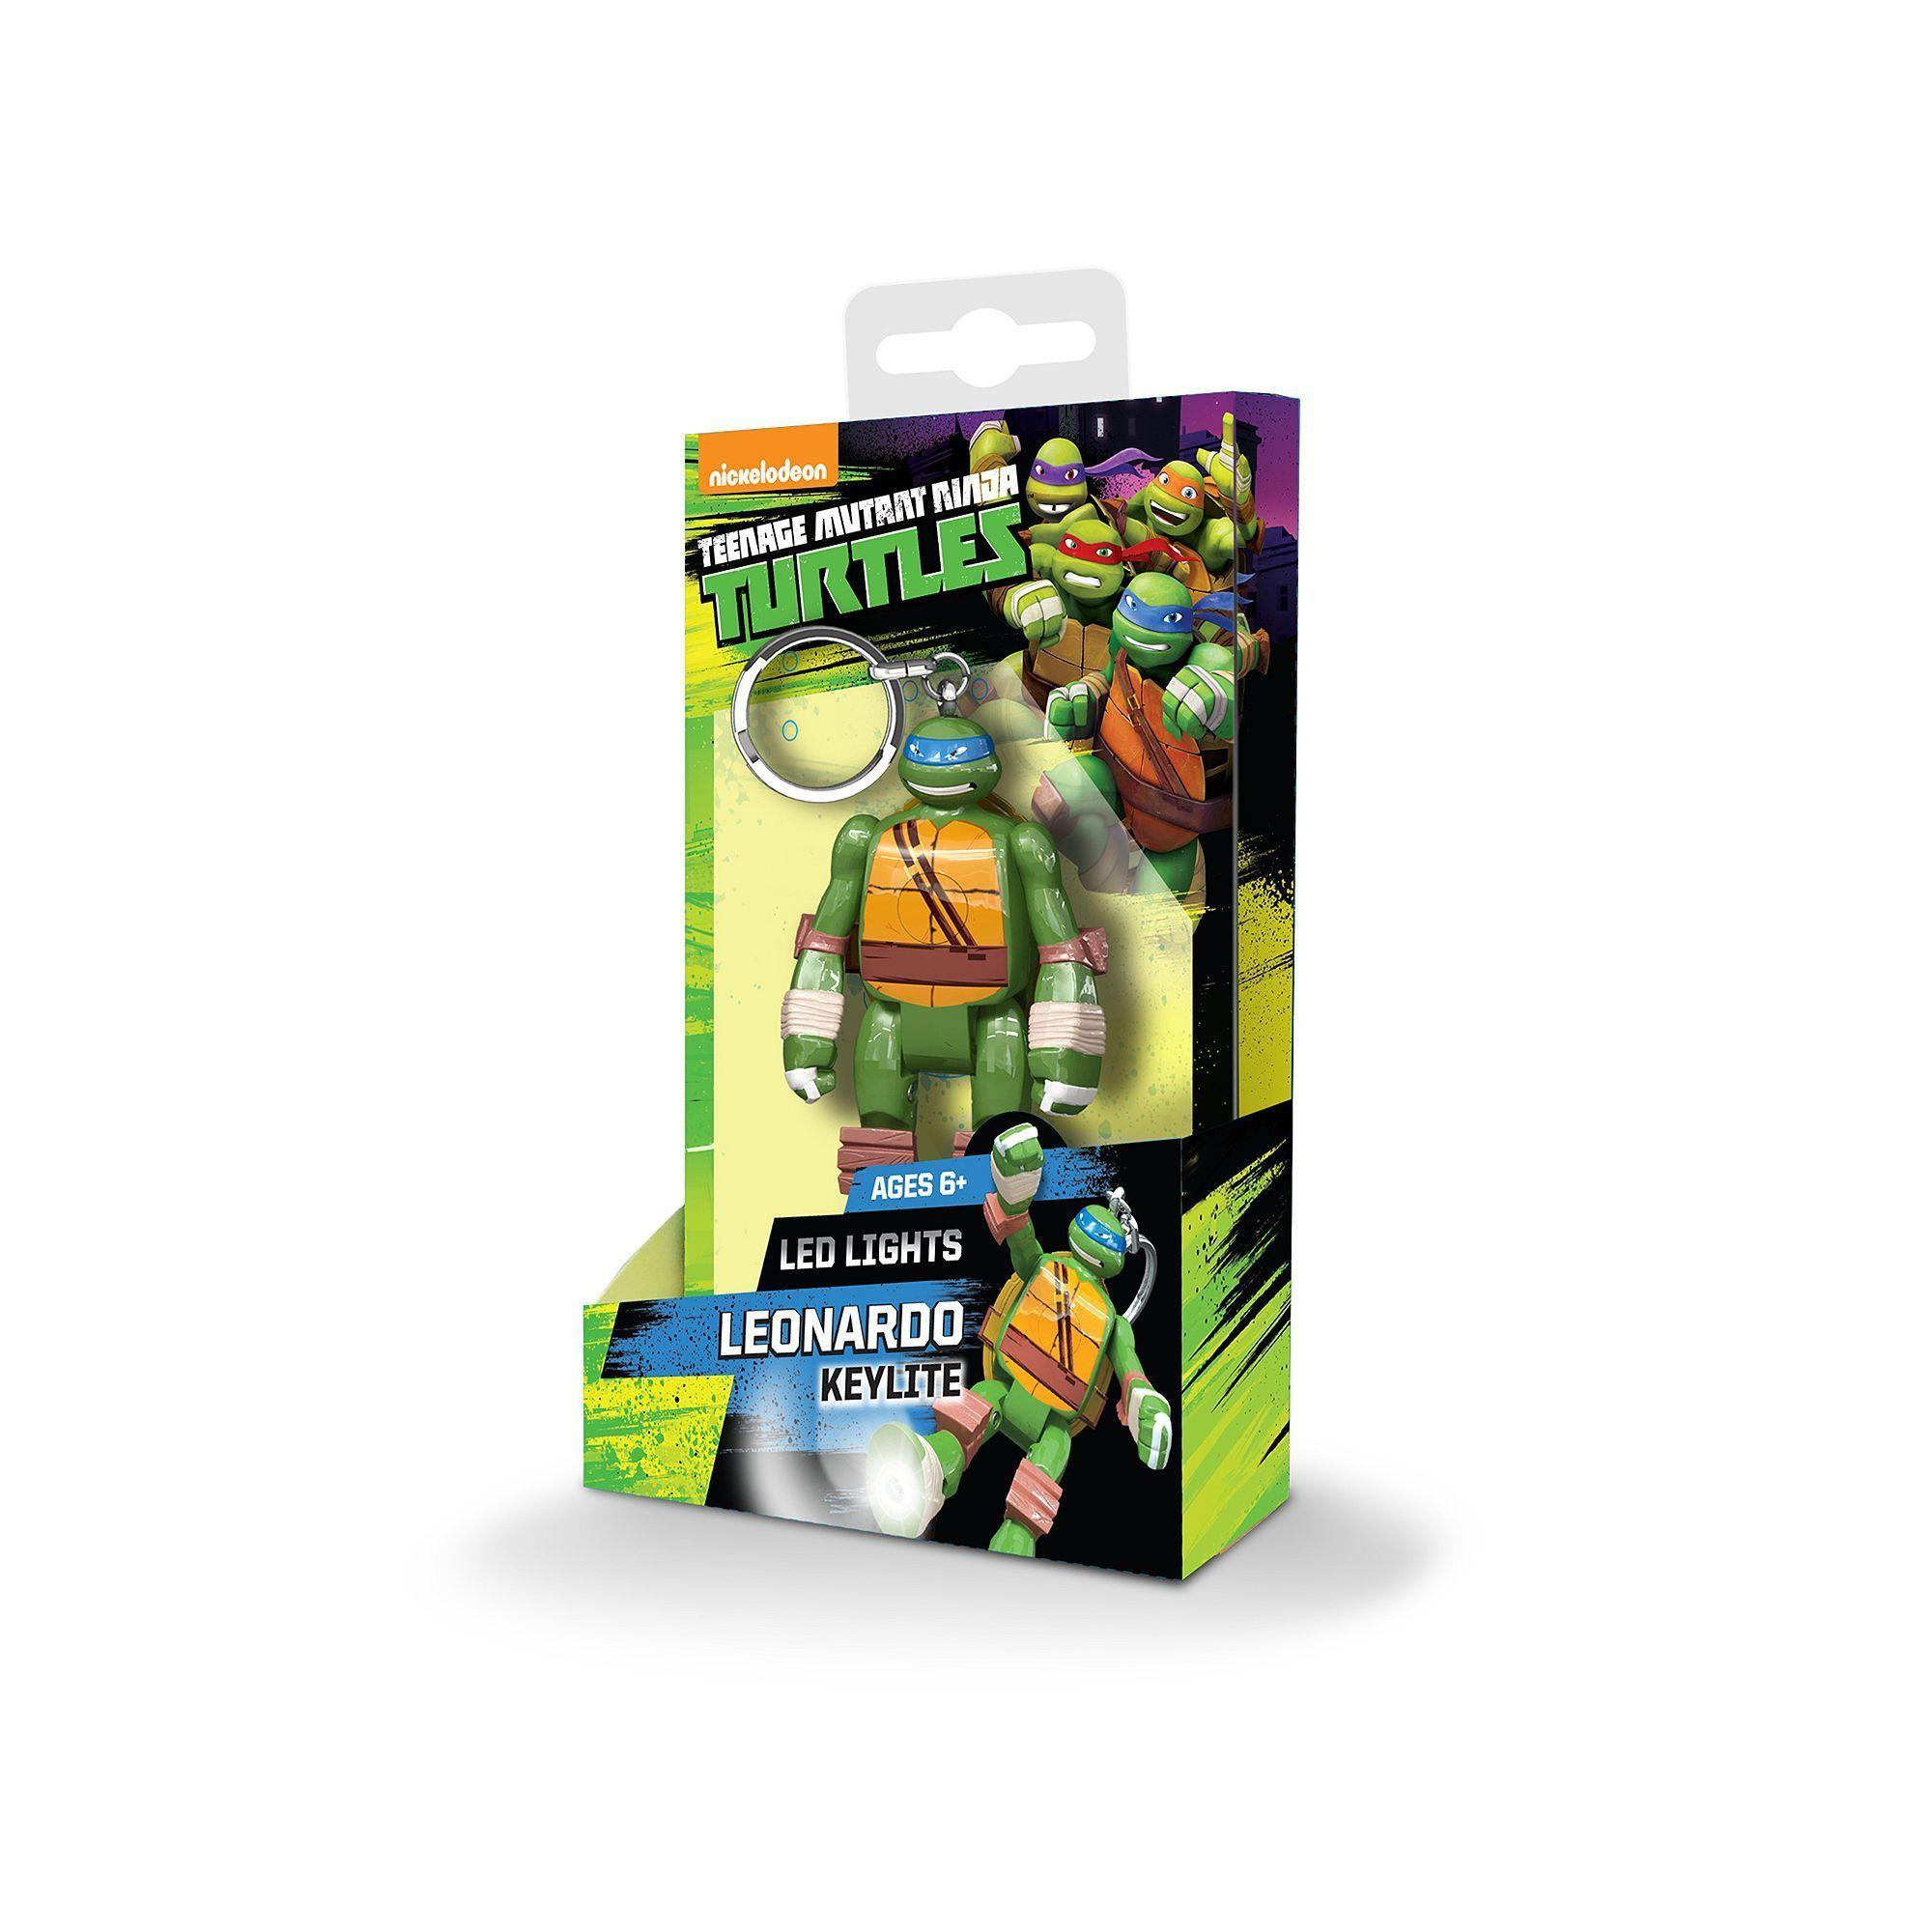 Teenage Mutant Ninja Turtles Leonardo Led Lights Key Light